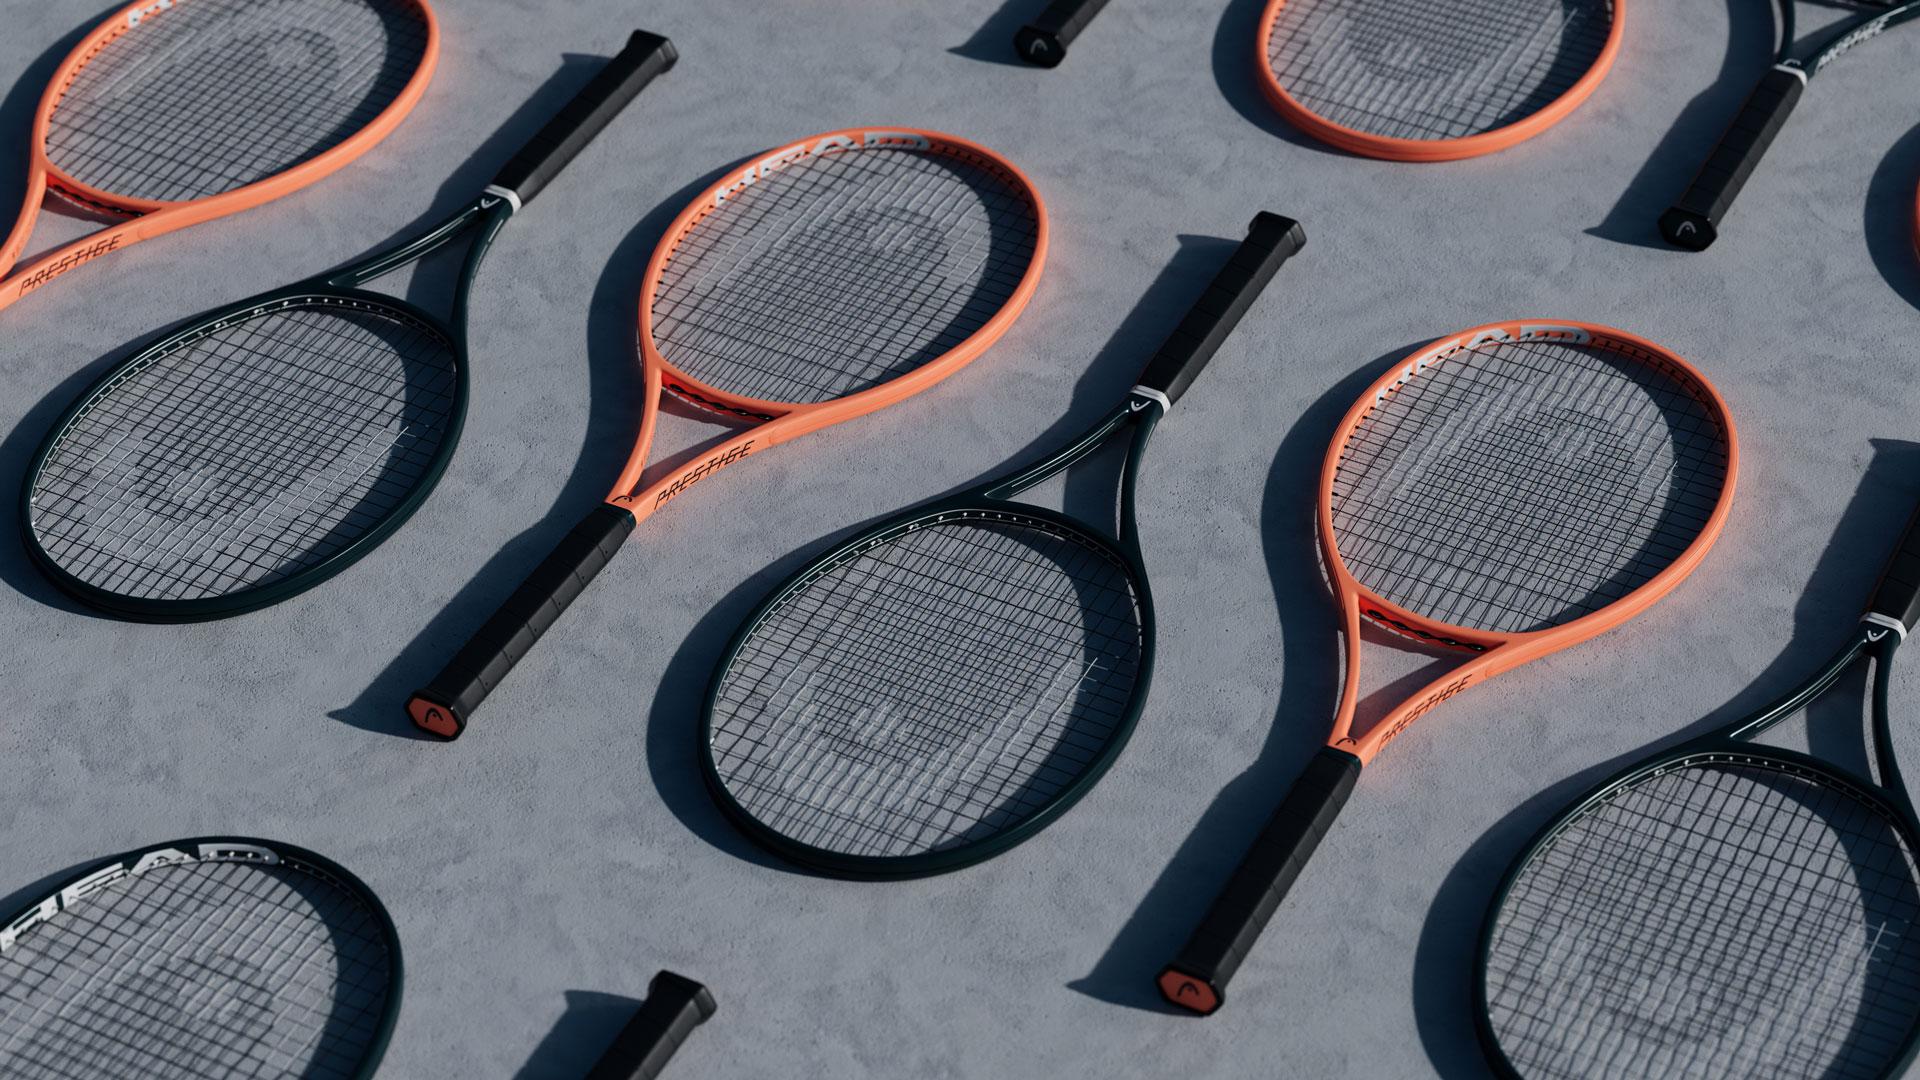 Tennis, Schatten, Schläger, Beton, Head